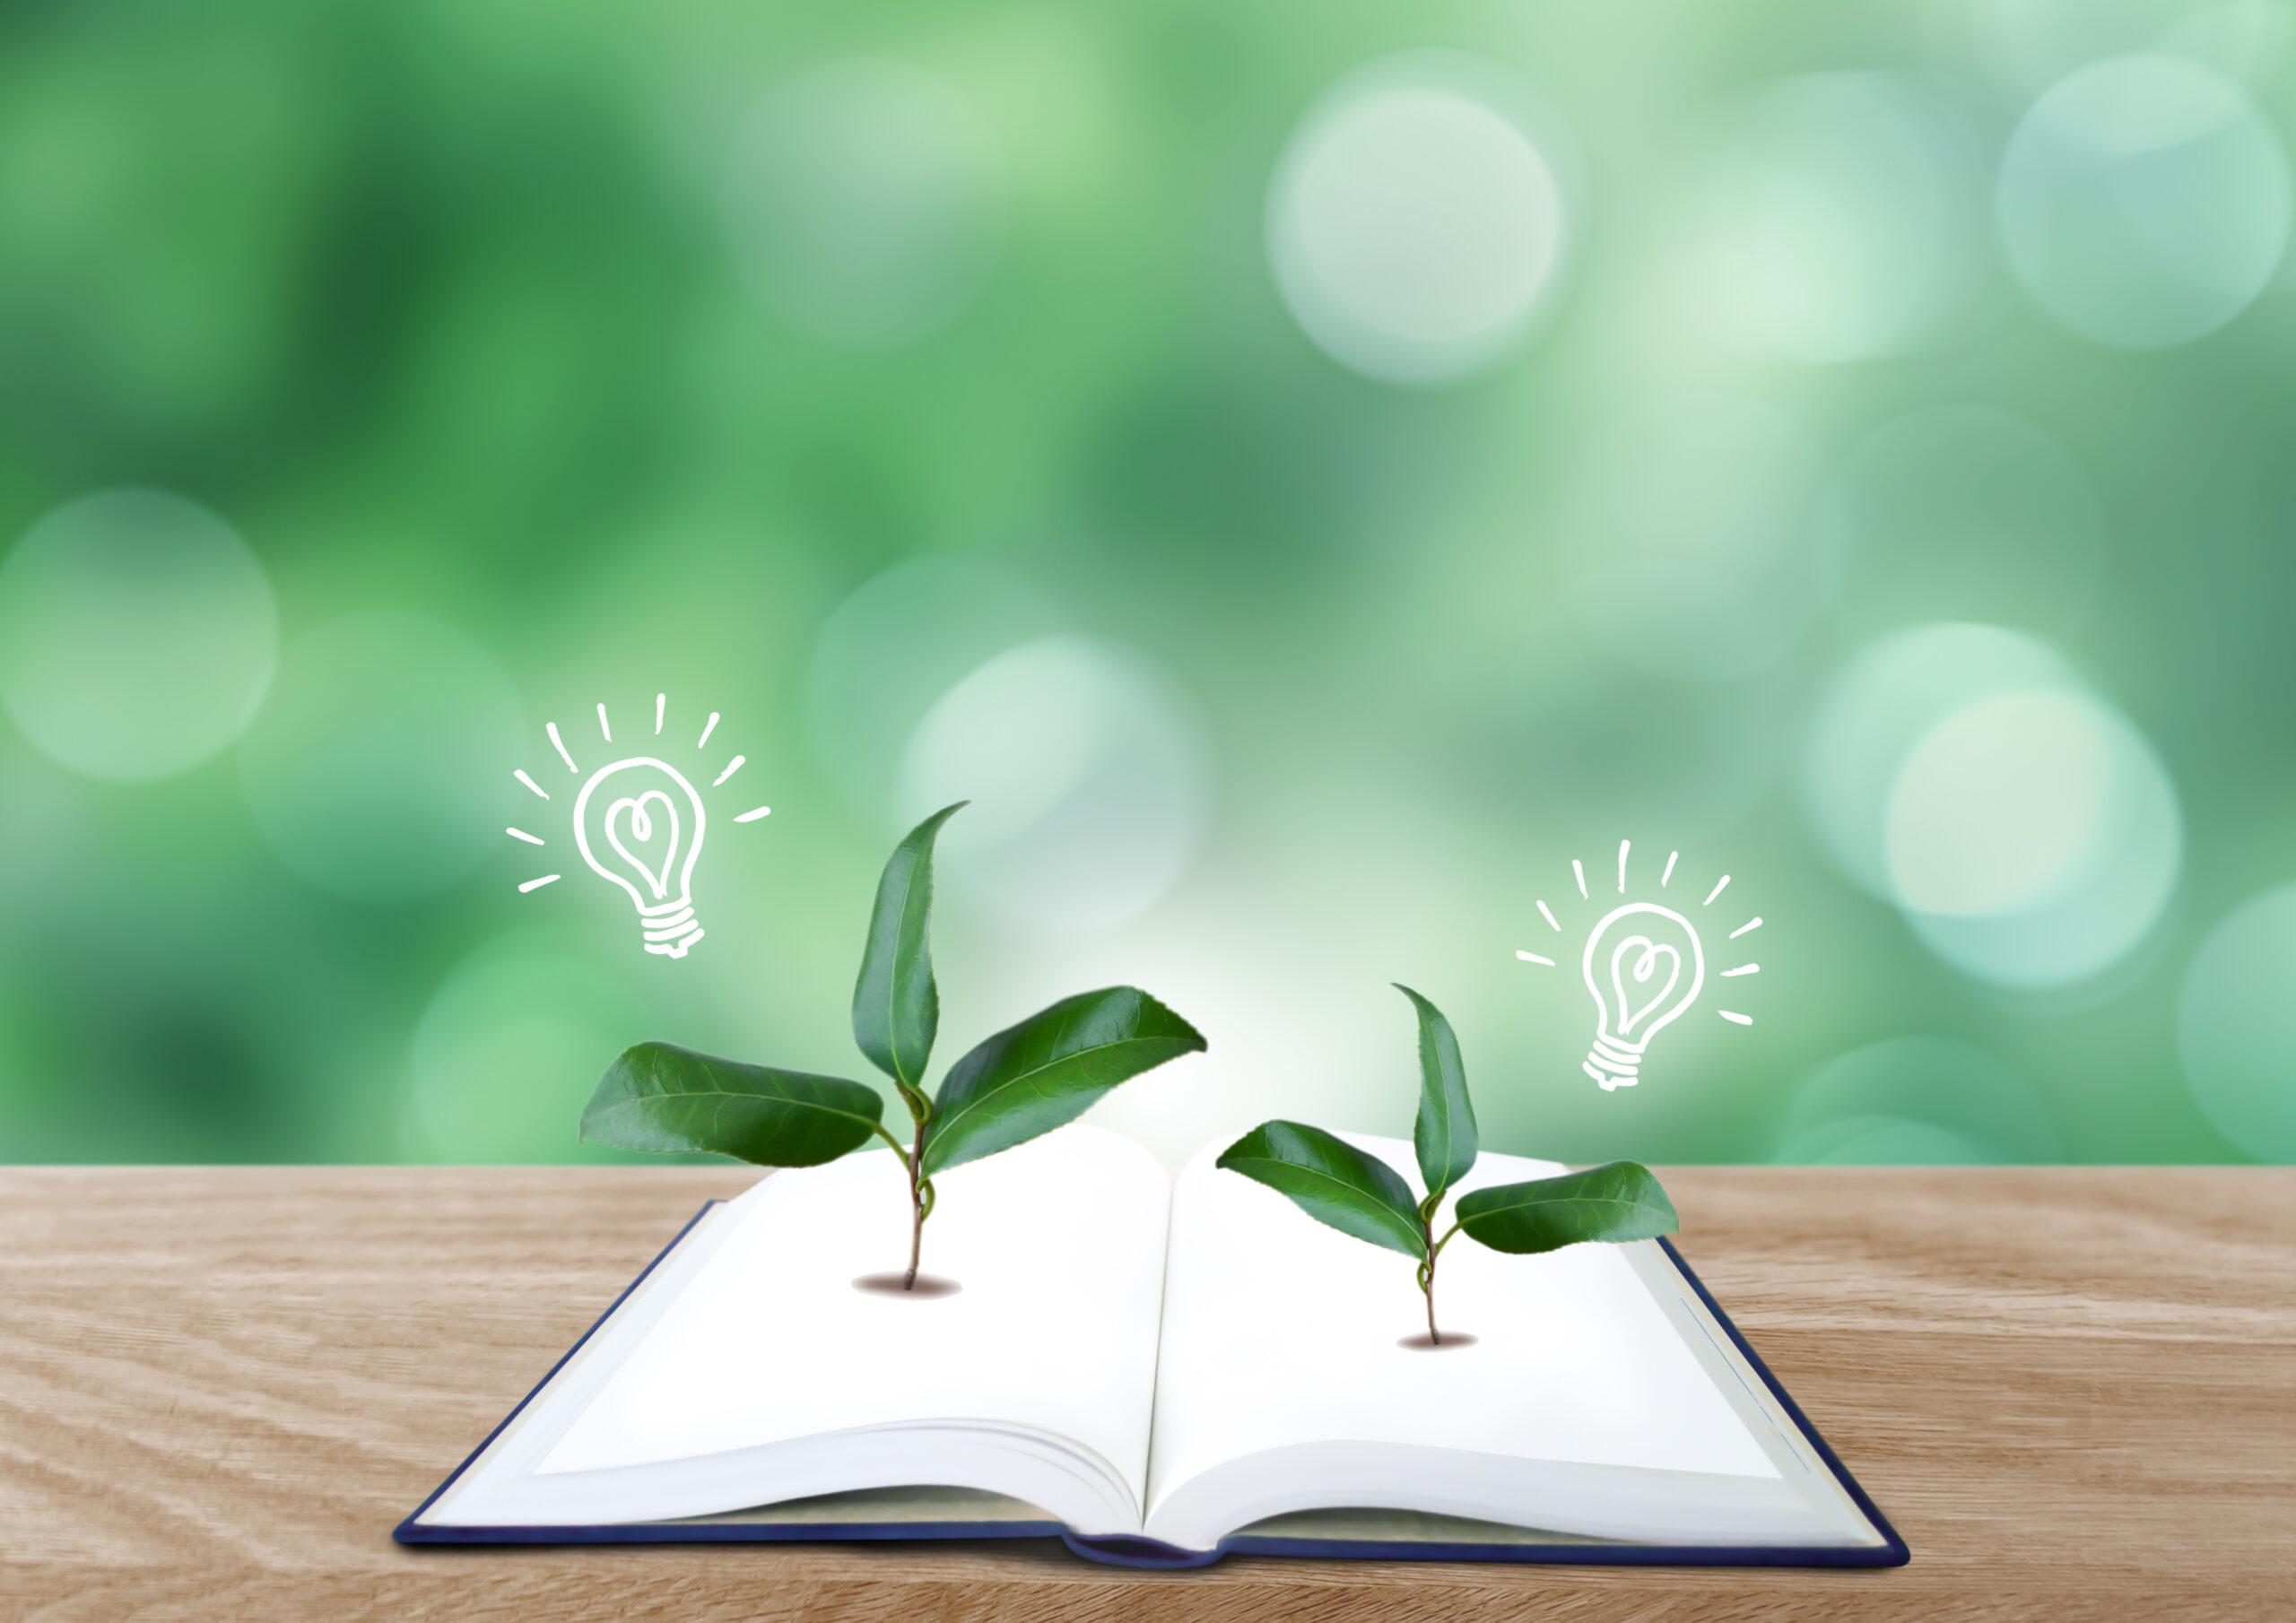 環境とアイデア